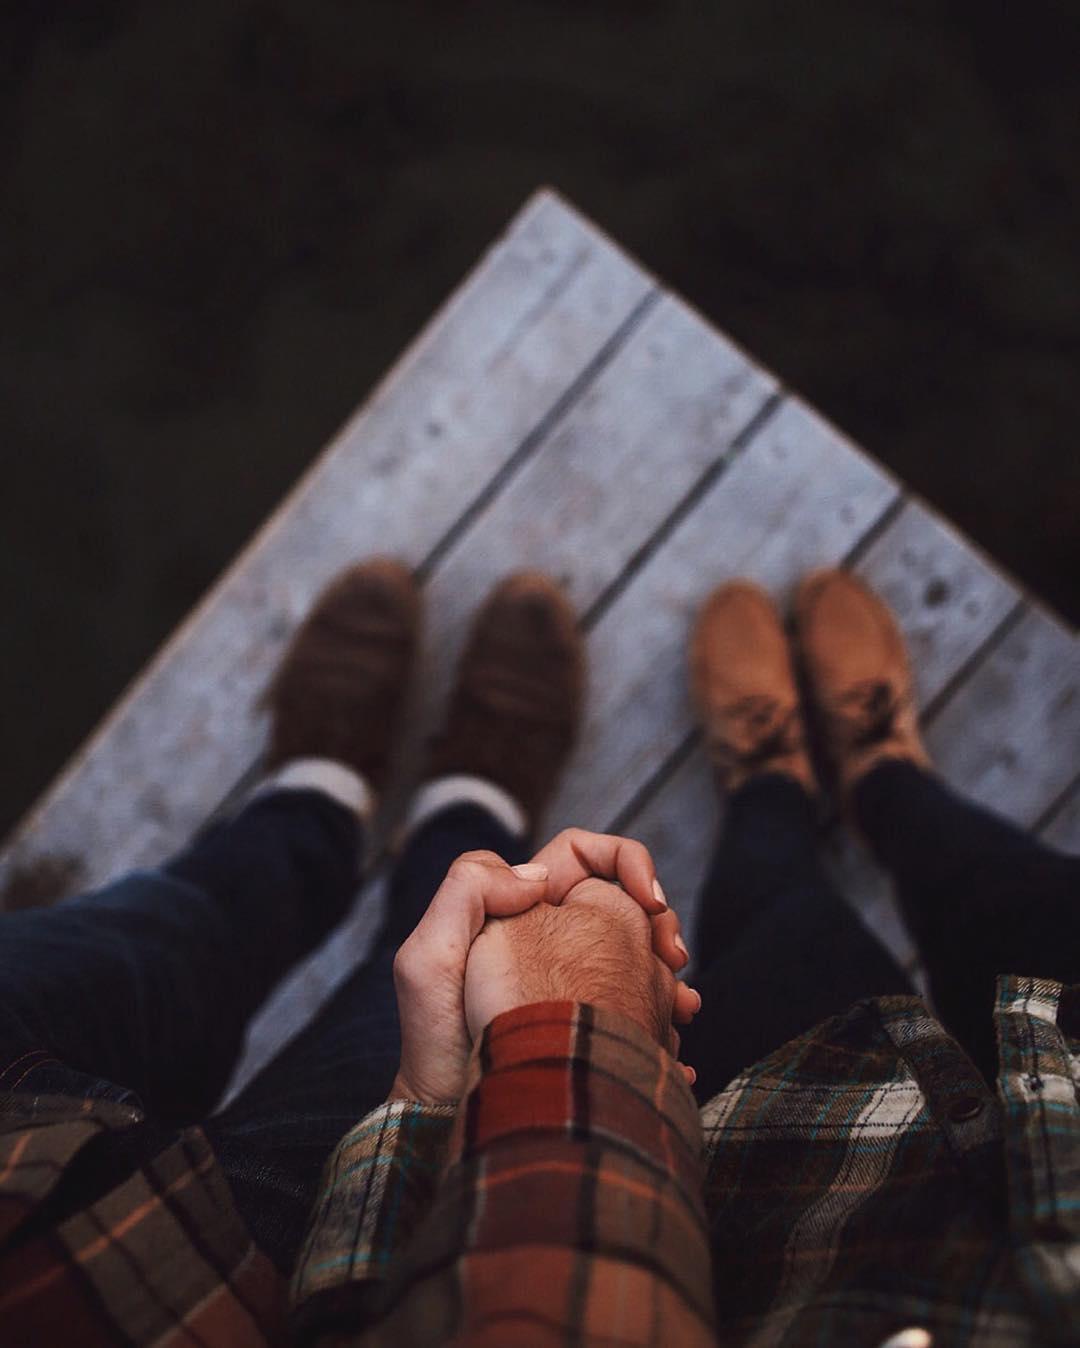 Ảnh nắm tay hold hand đẹp